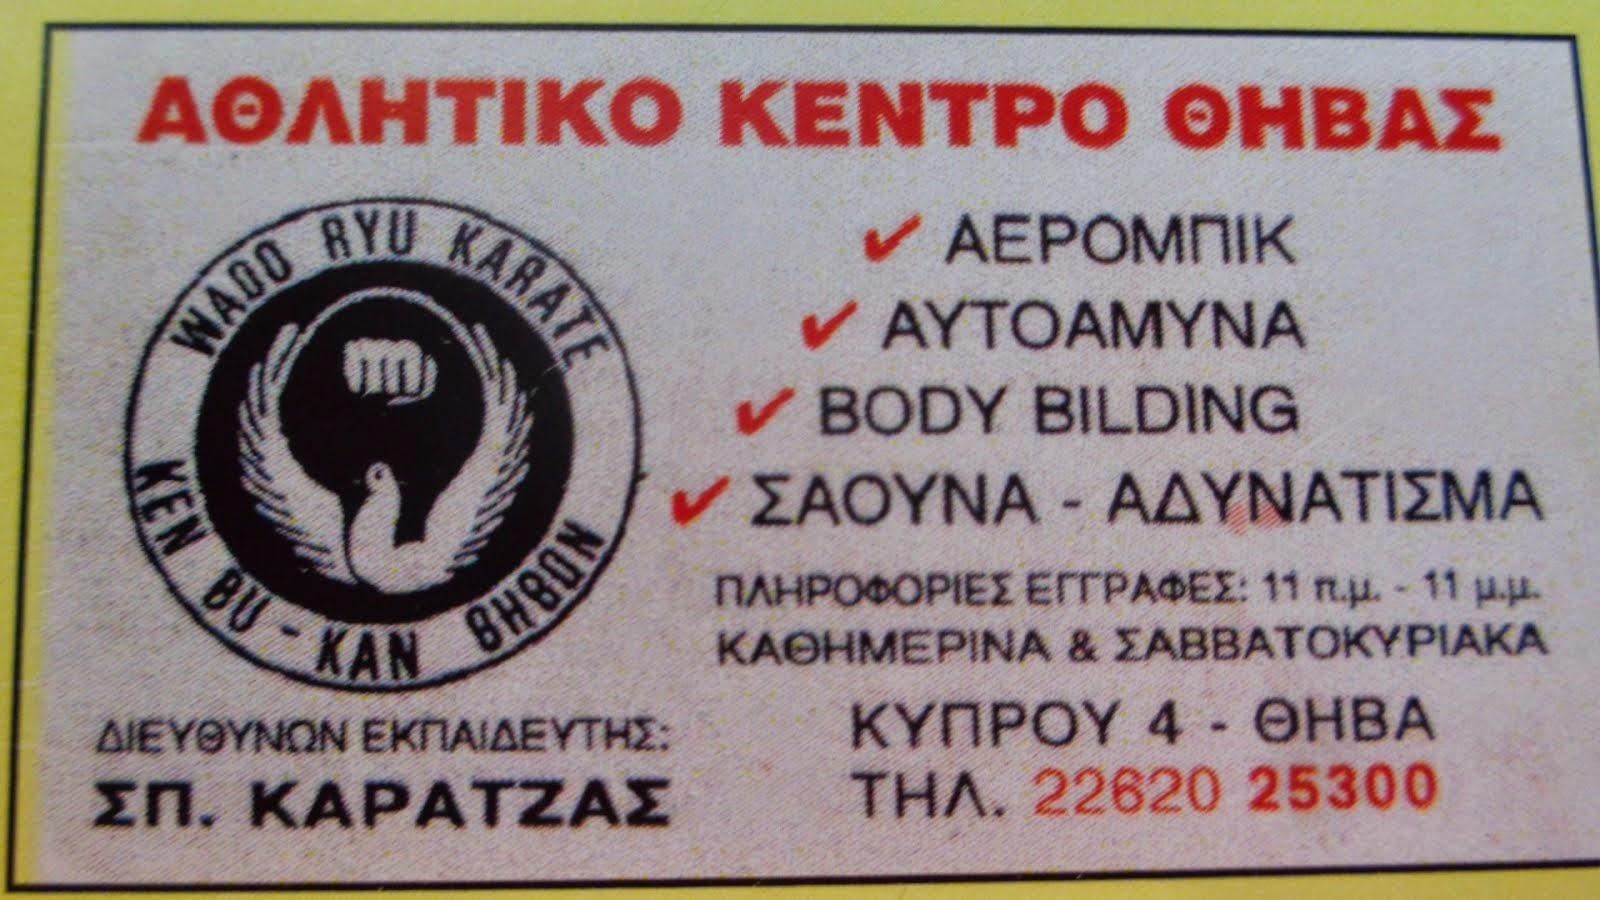 ΑΘΛΗΤΙΚΟ ΚΕΝΤΡΟ ΘΗΒΑΣ